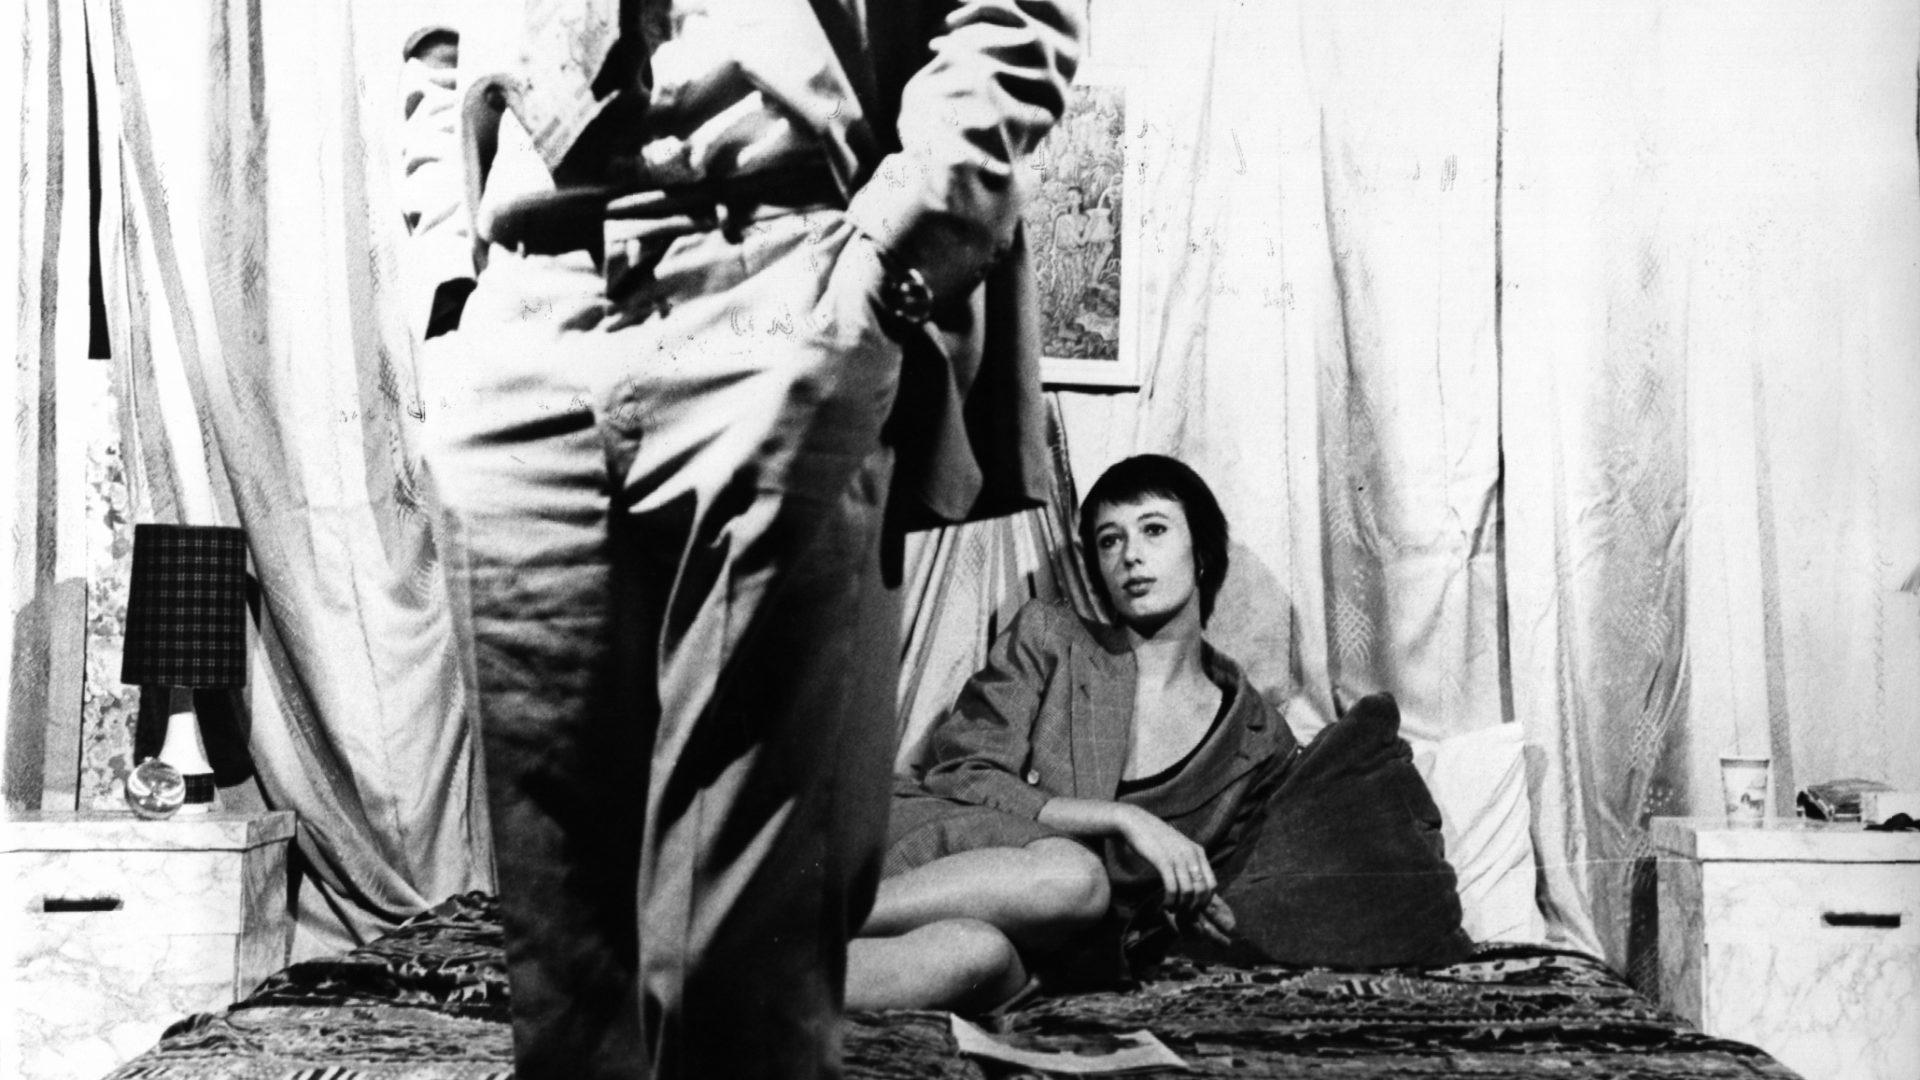 Dooltocht (George Schouten, 1976)